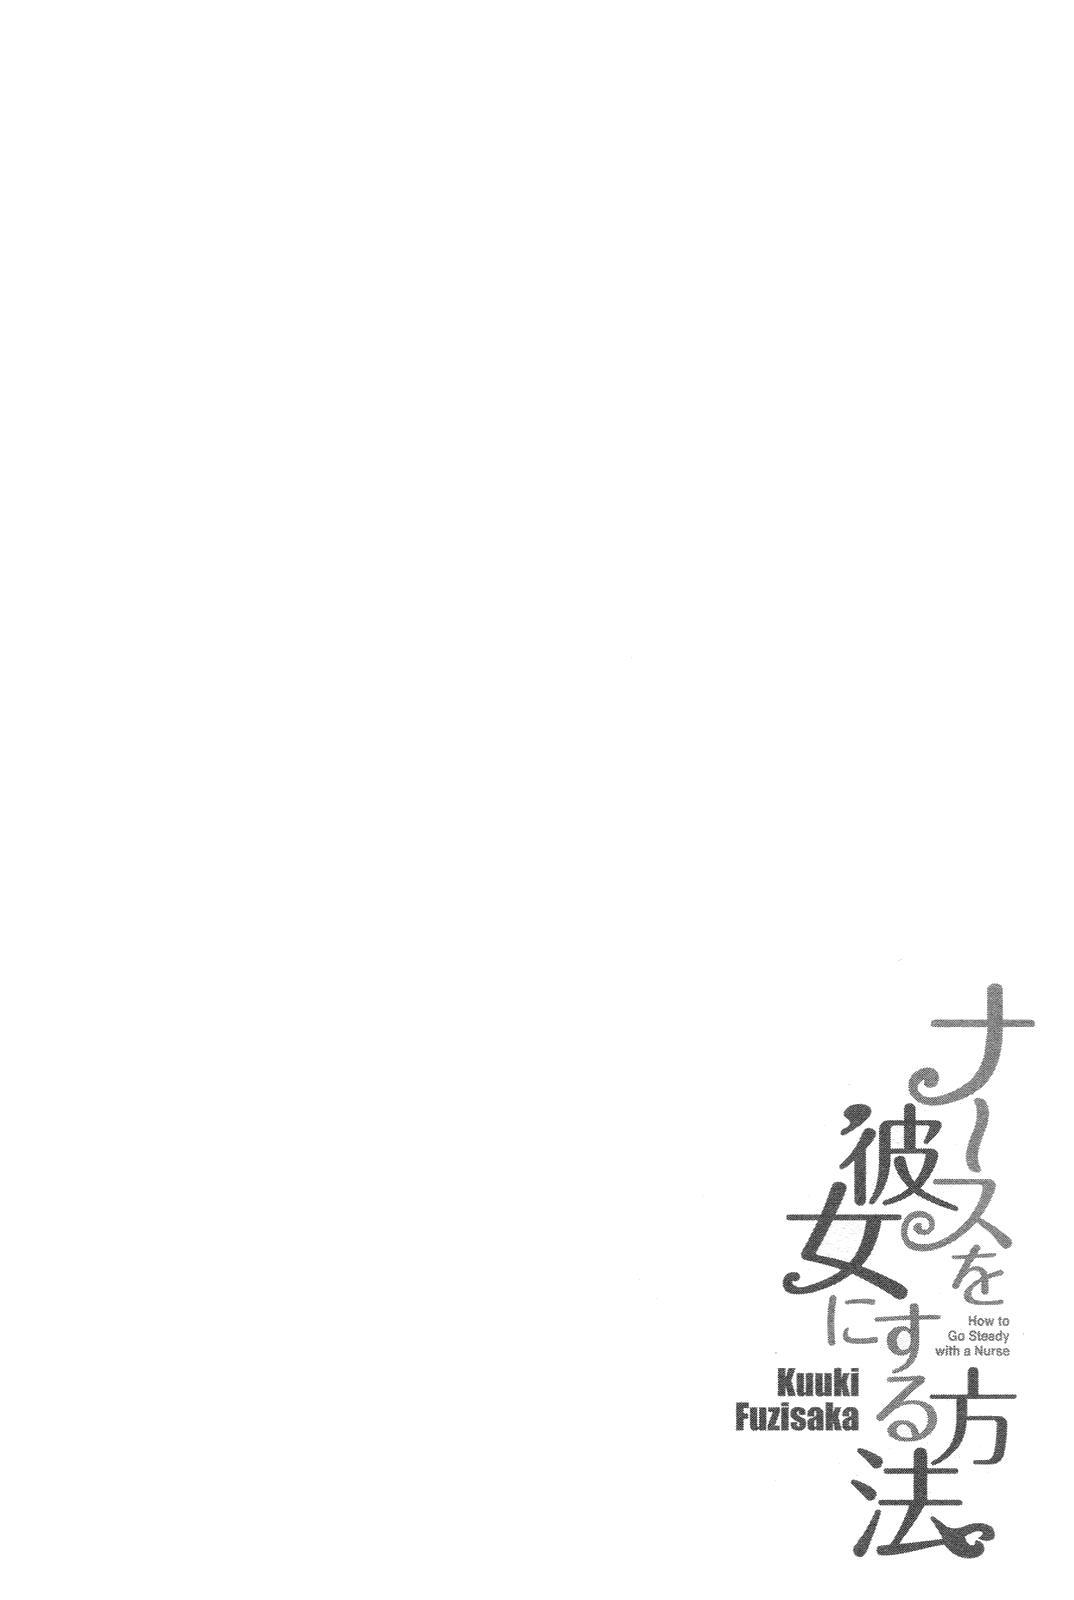 Nurse o Kanojo ni Suru Houhou - How To Go Steady With A Nurse 1 100